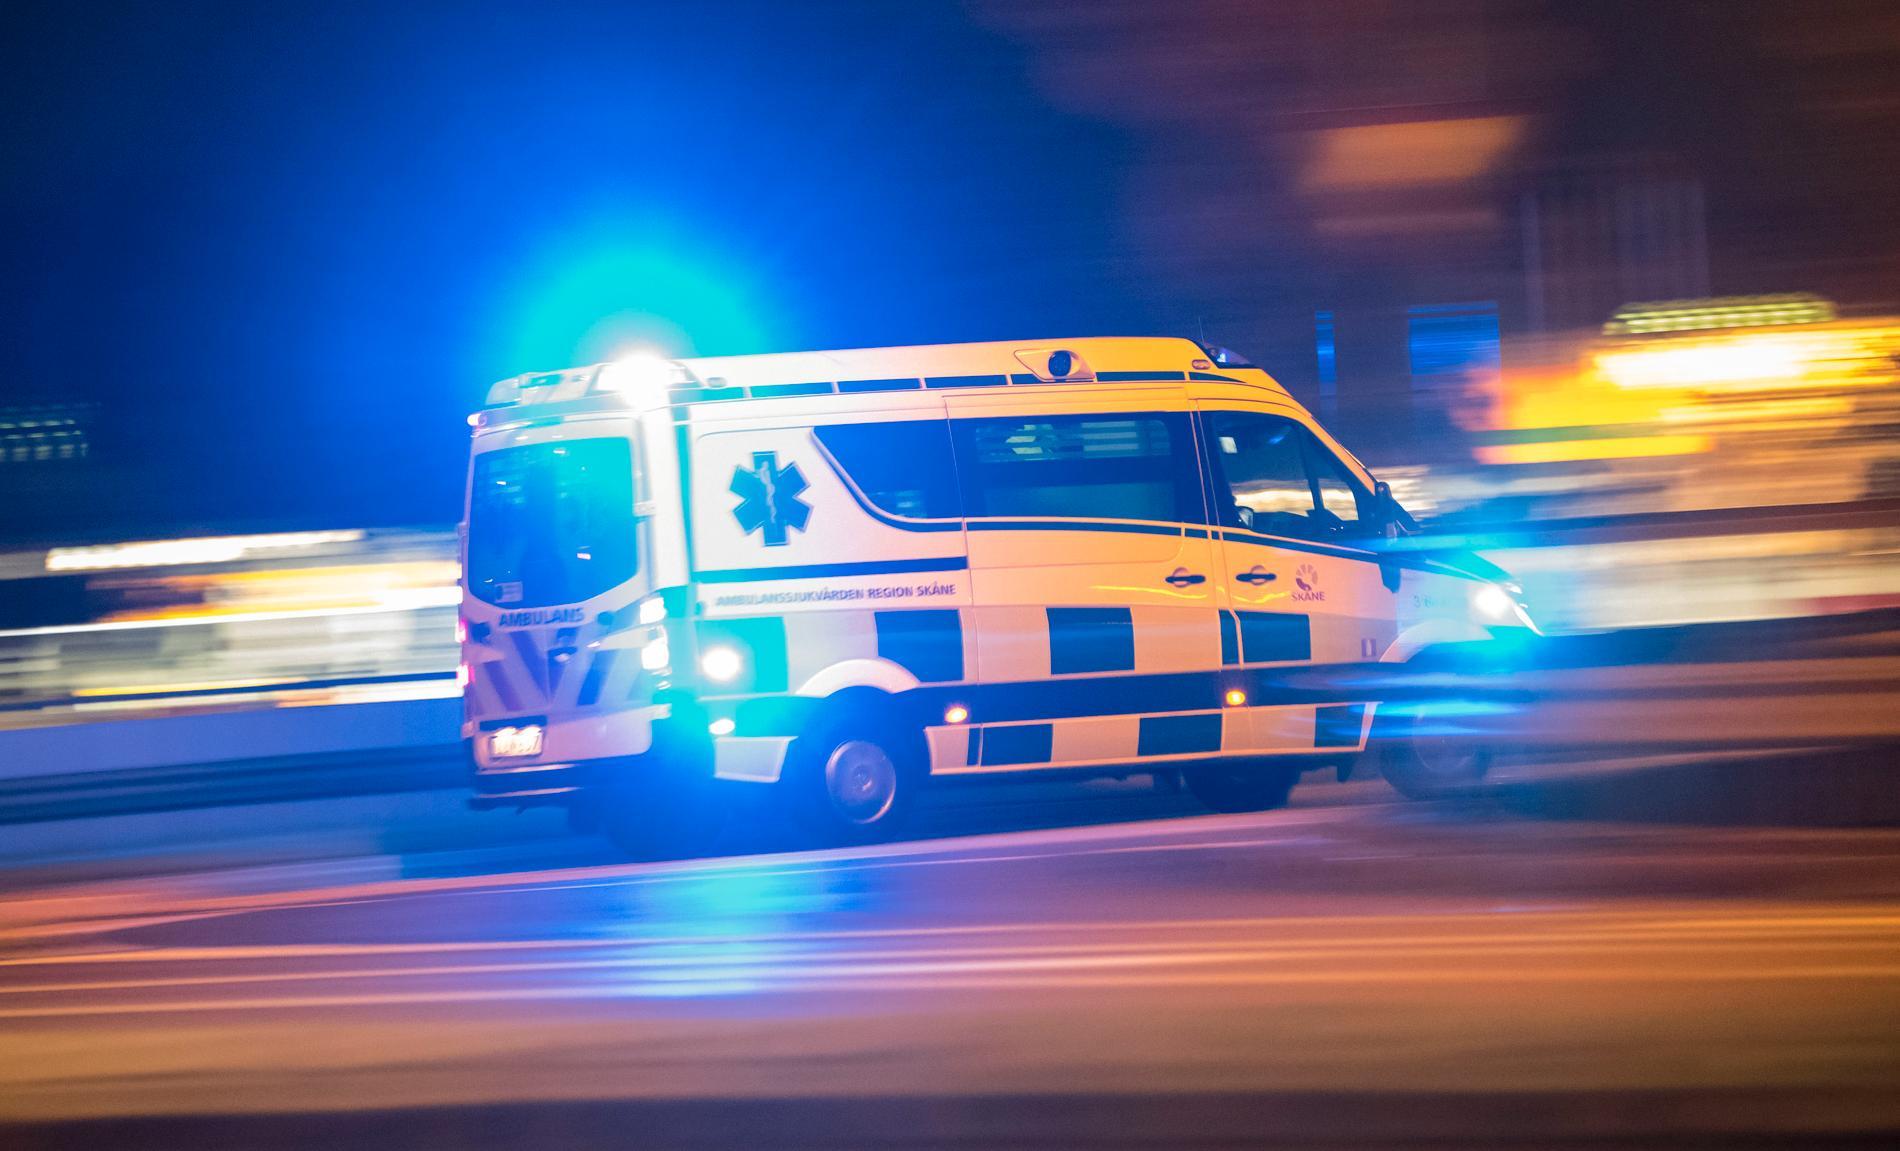 Skadeläget hos de unga kvinnorna som fick föras till sjukhus efter en olycka utanför Södertälje är på måndagen oklart. Arkivbild.